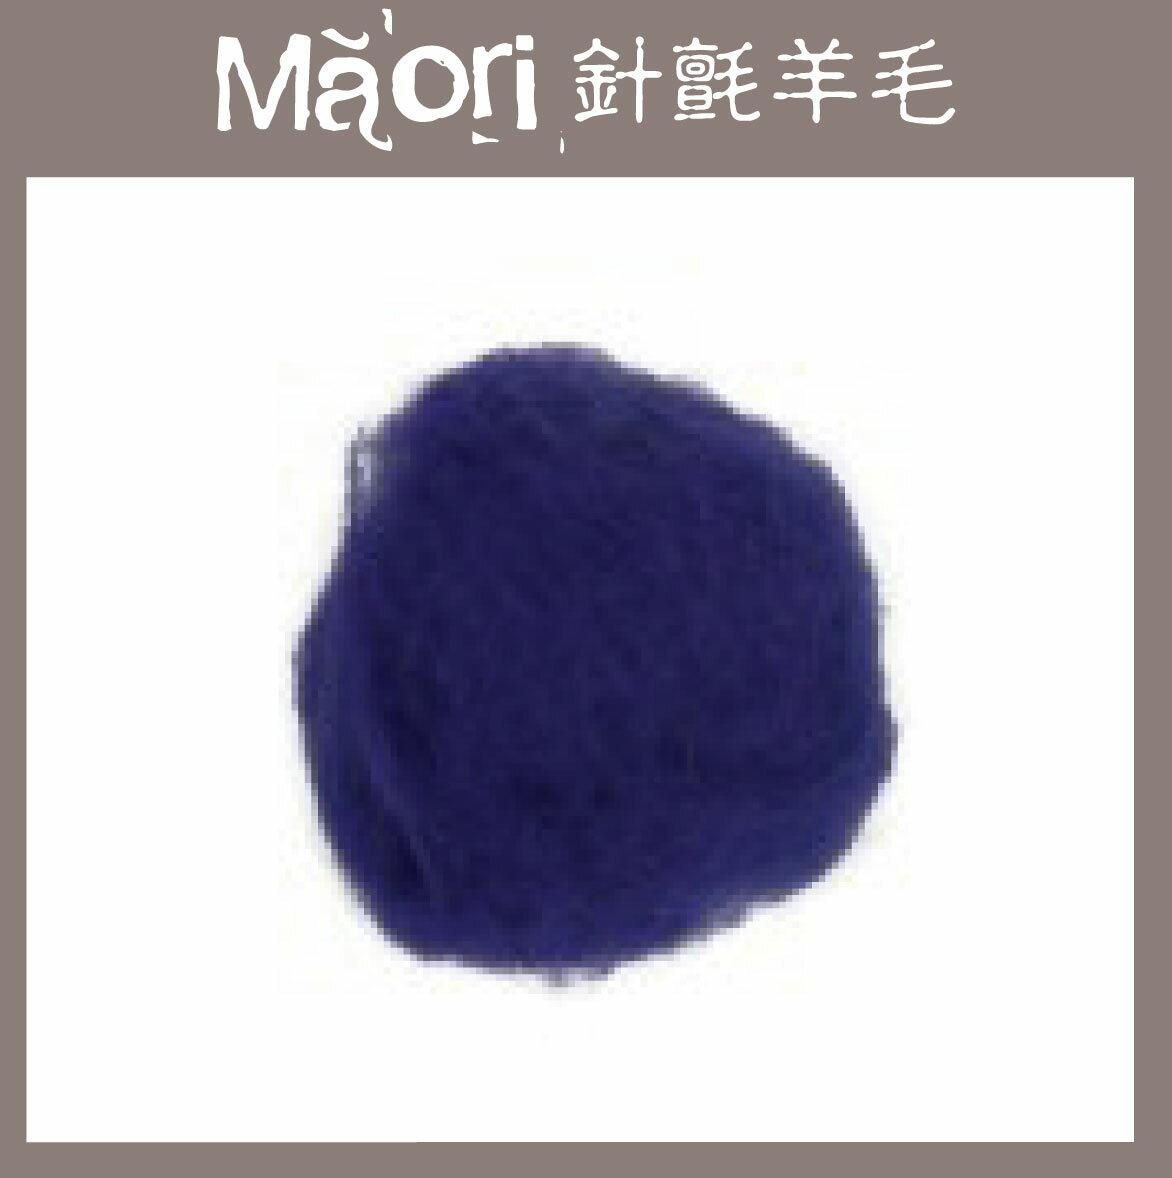 義大利托斯卡尼-Maori針氈羊毛DMR410孔雀藍